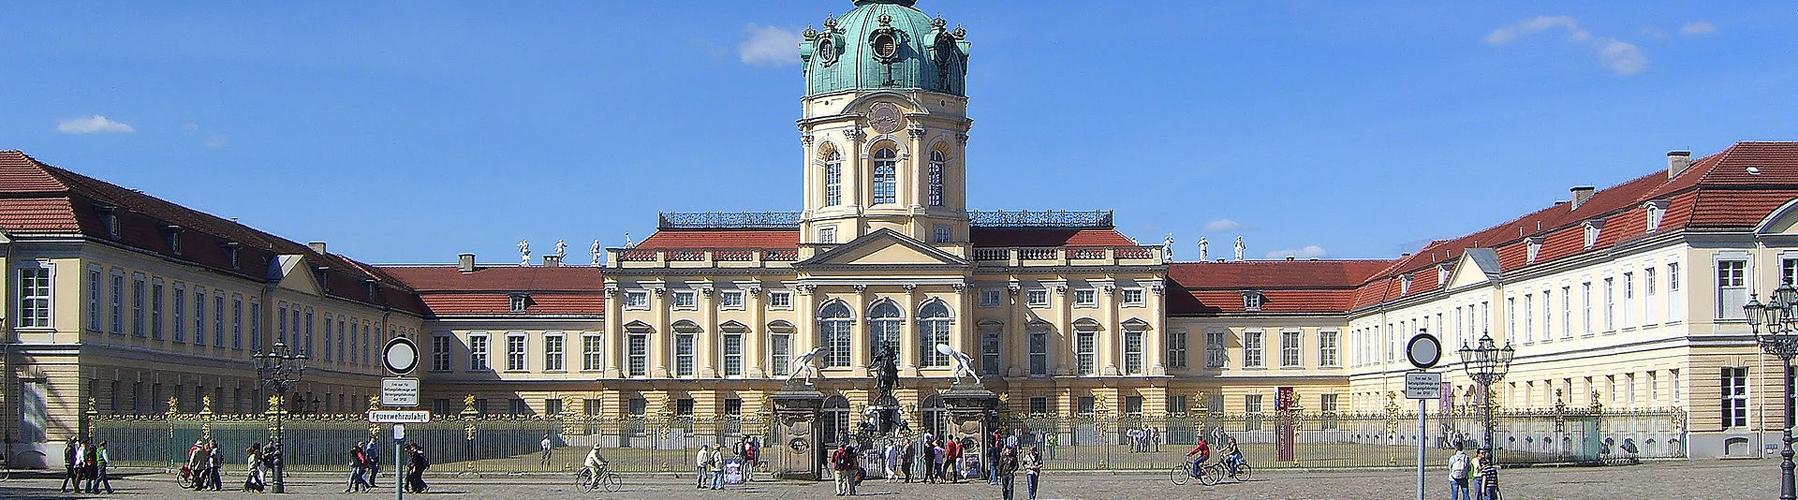 베를린 - 샤를로텐부르크 궁전에 가까운 호스텔. 베를린의 지도, 베를린에 위치한 호스텔에 대한 사진 및 리뷰.